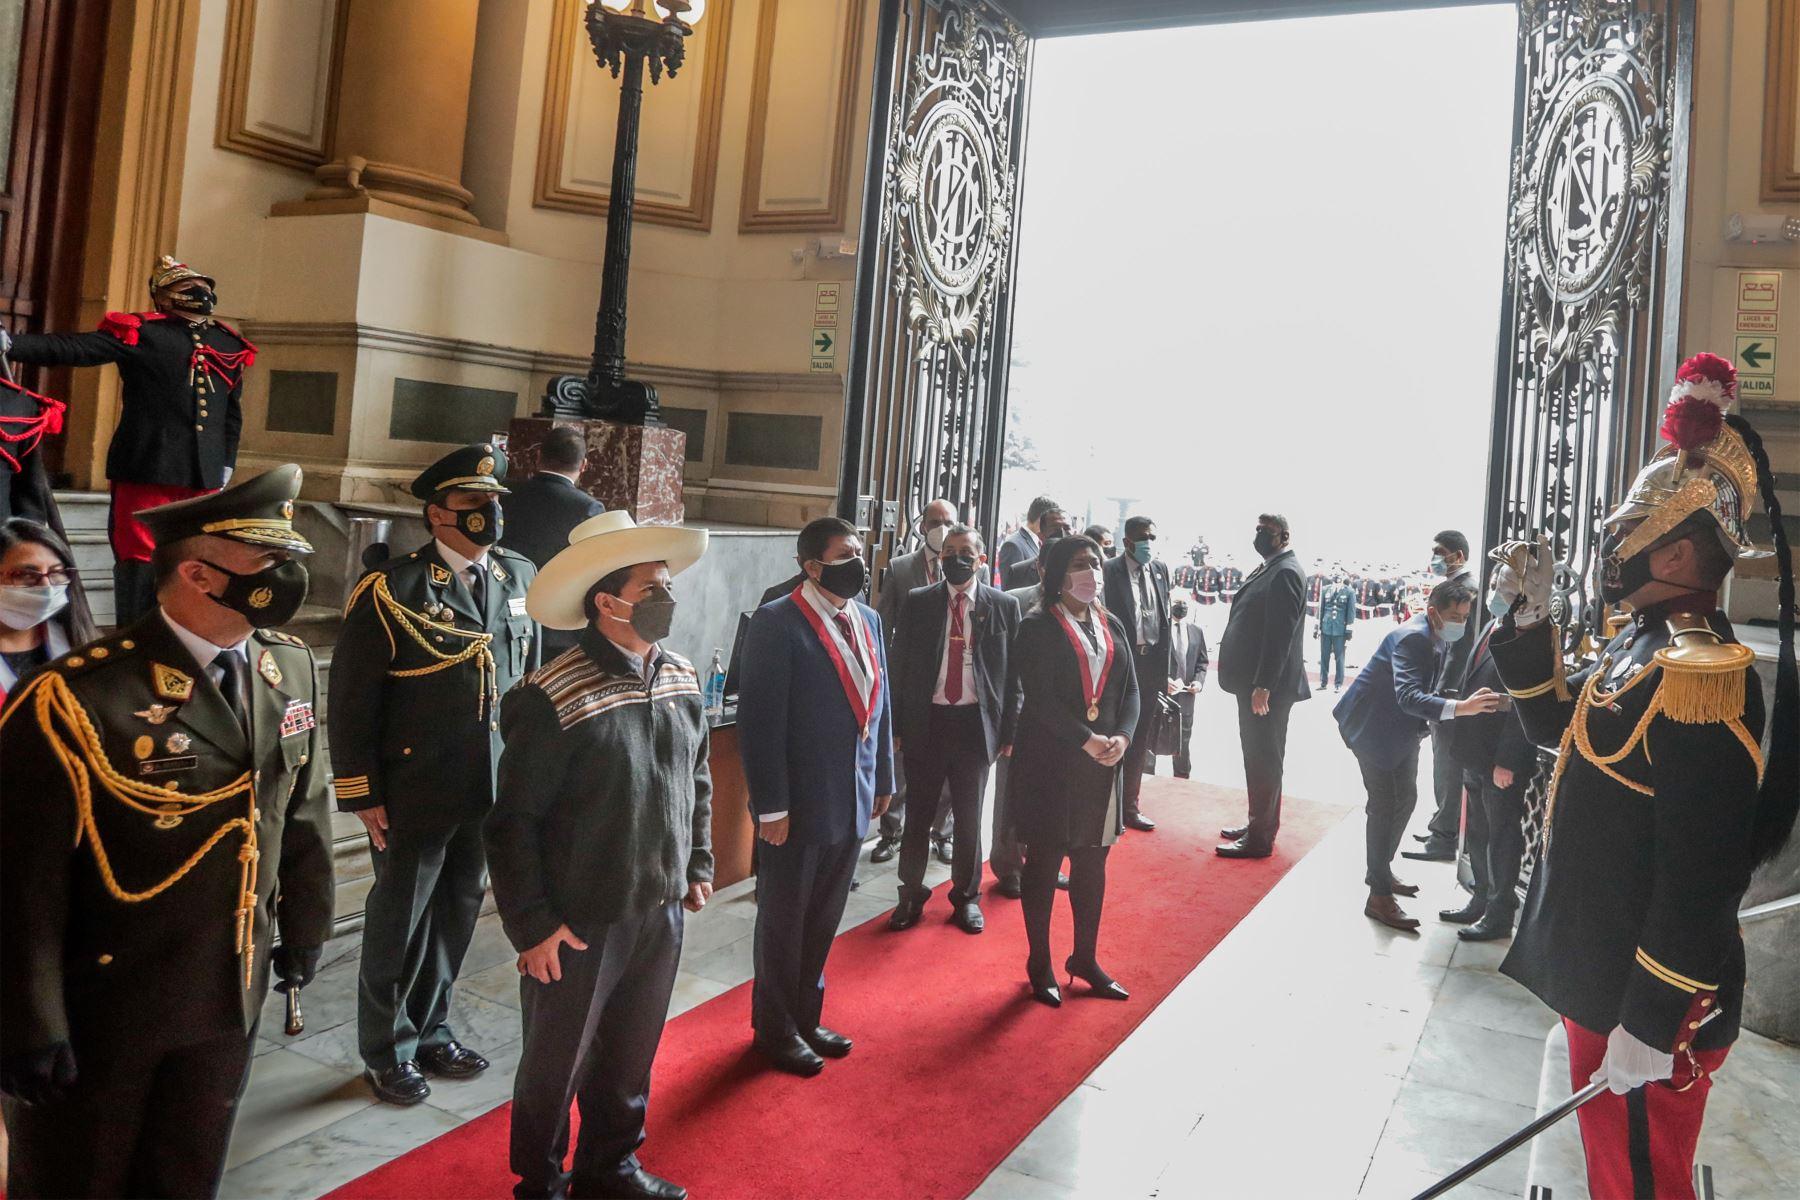 El presidente de la República, Pedro Castillo, participa en la sesión solemne por el 199.° aniversario del Congreso de la República. Foto: ANDINA/Prensa Presidencia